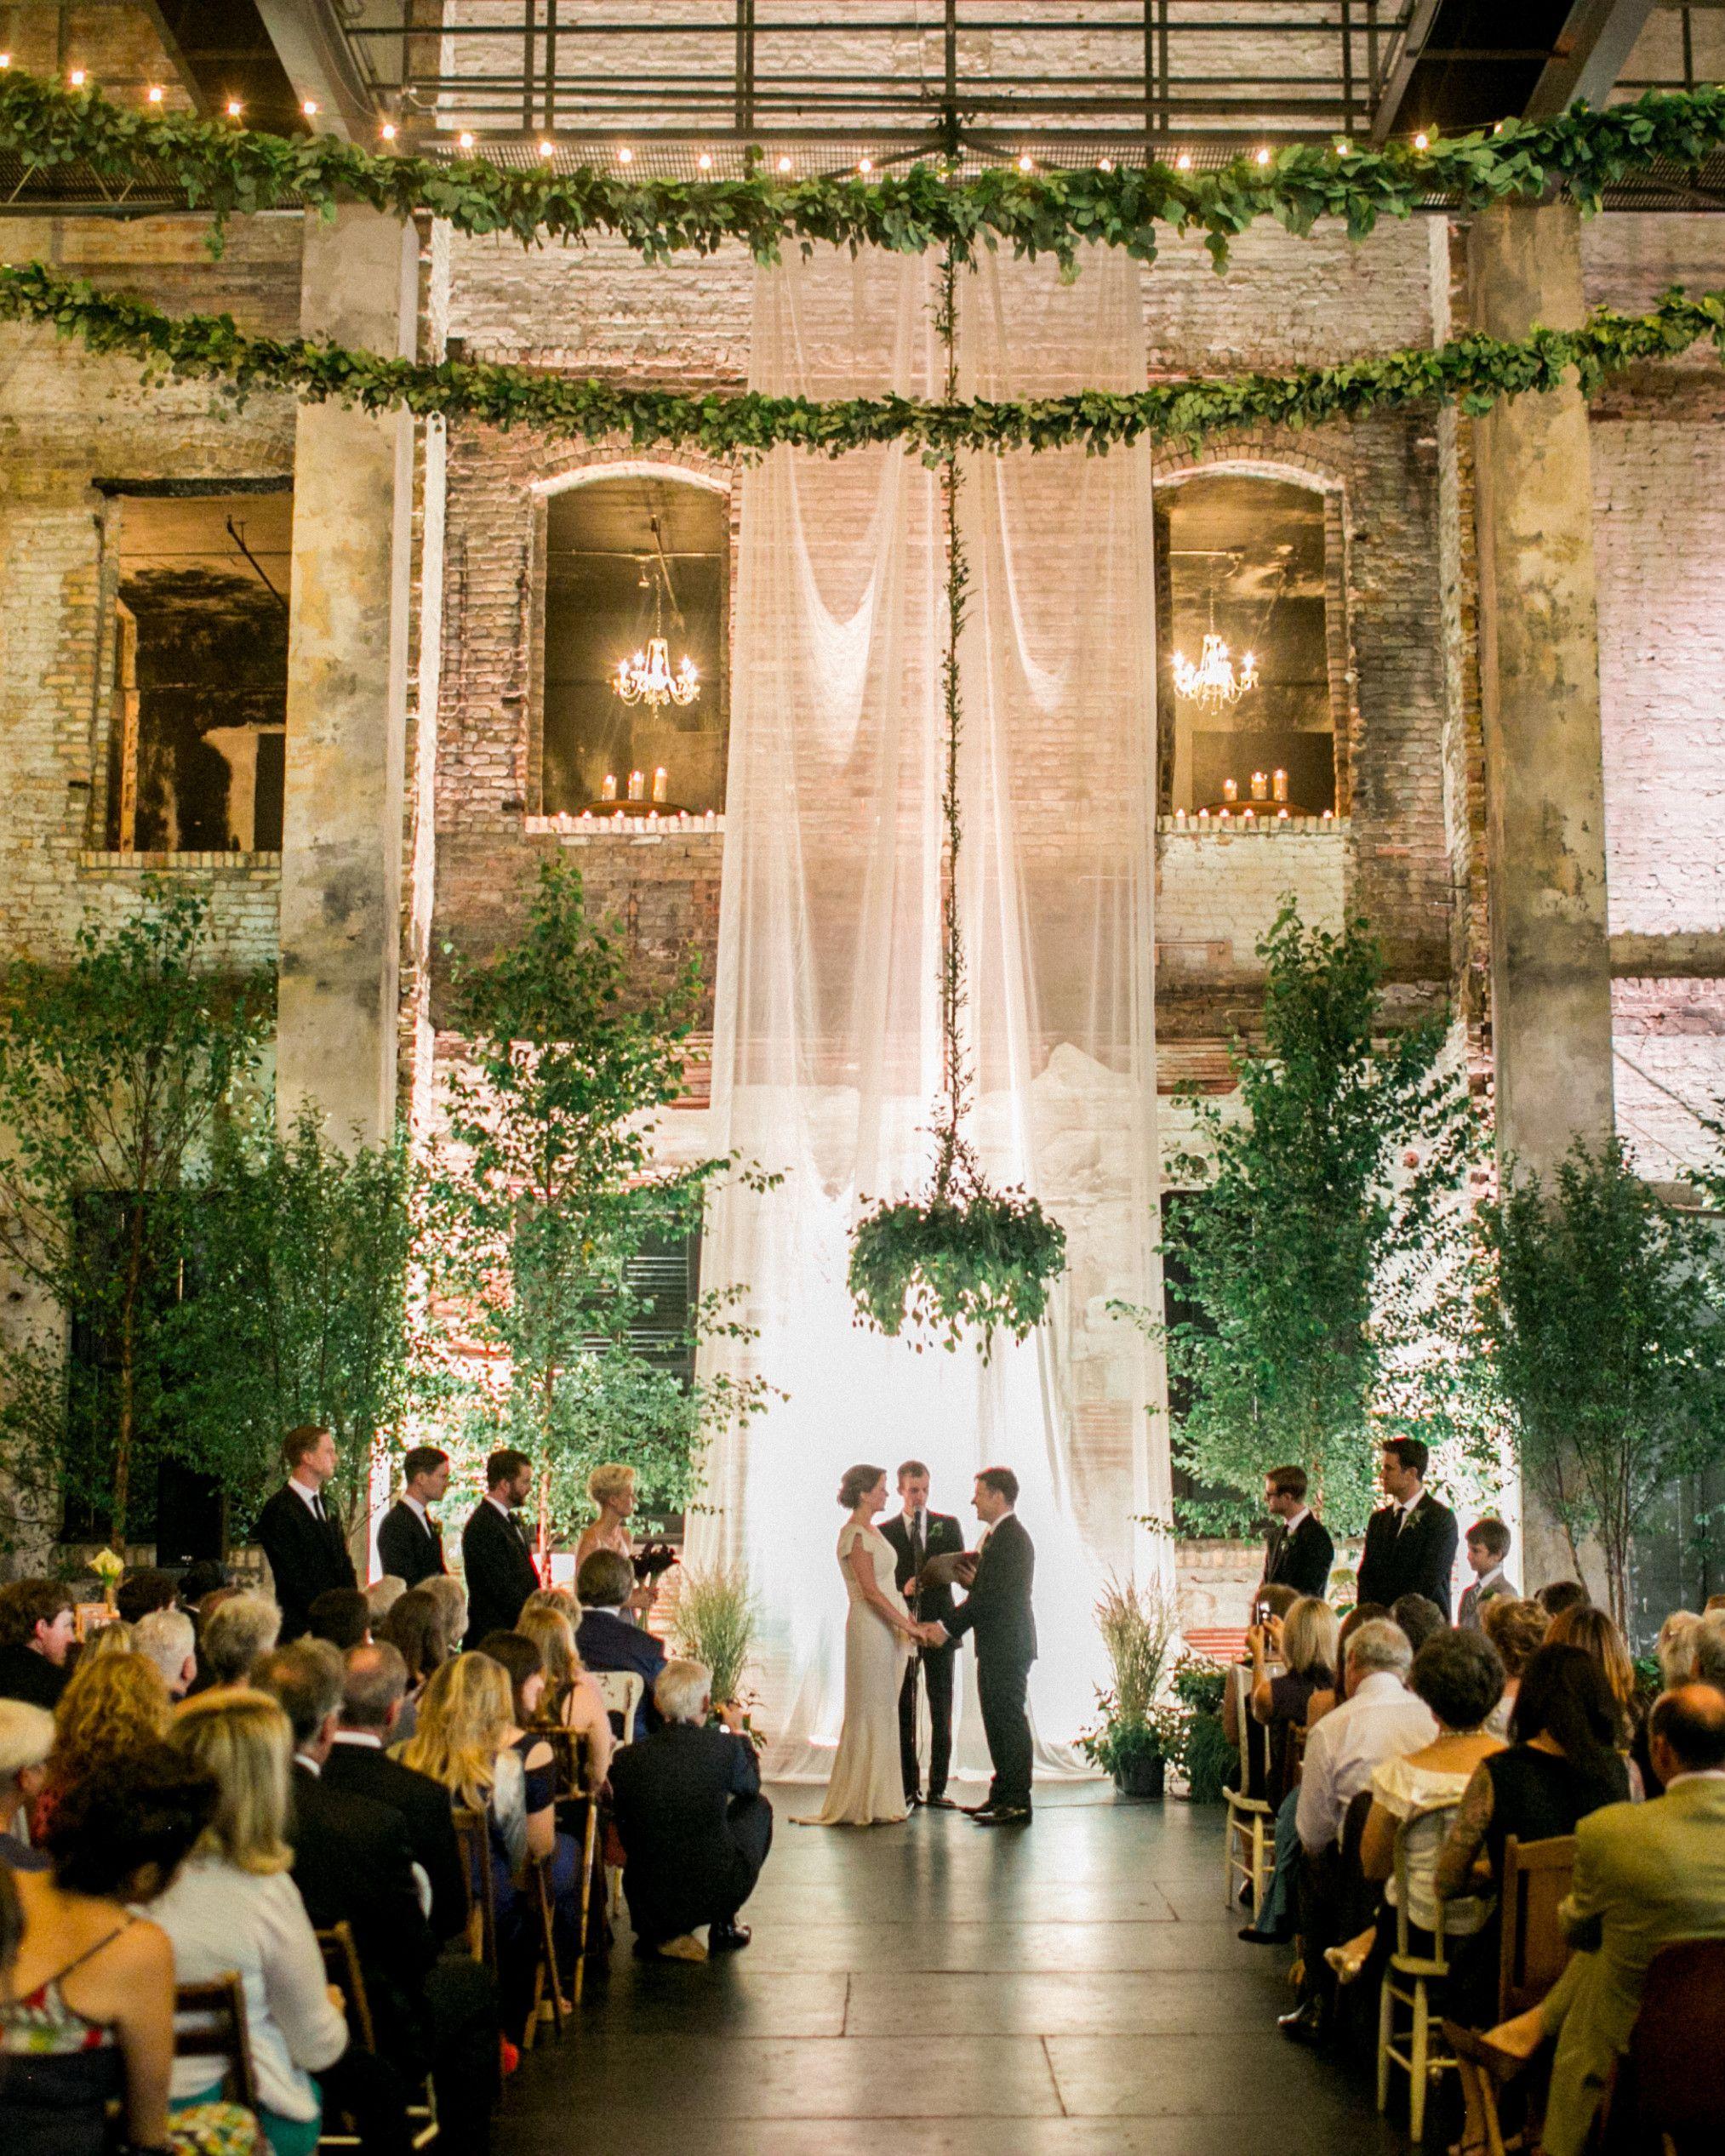 14+ Small outdoor wedding venues los angeles info